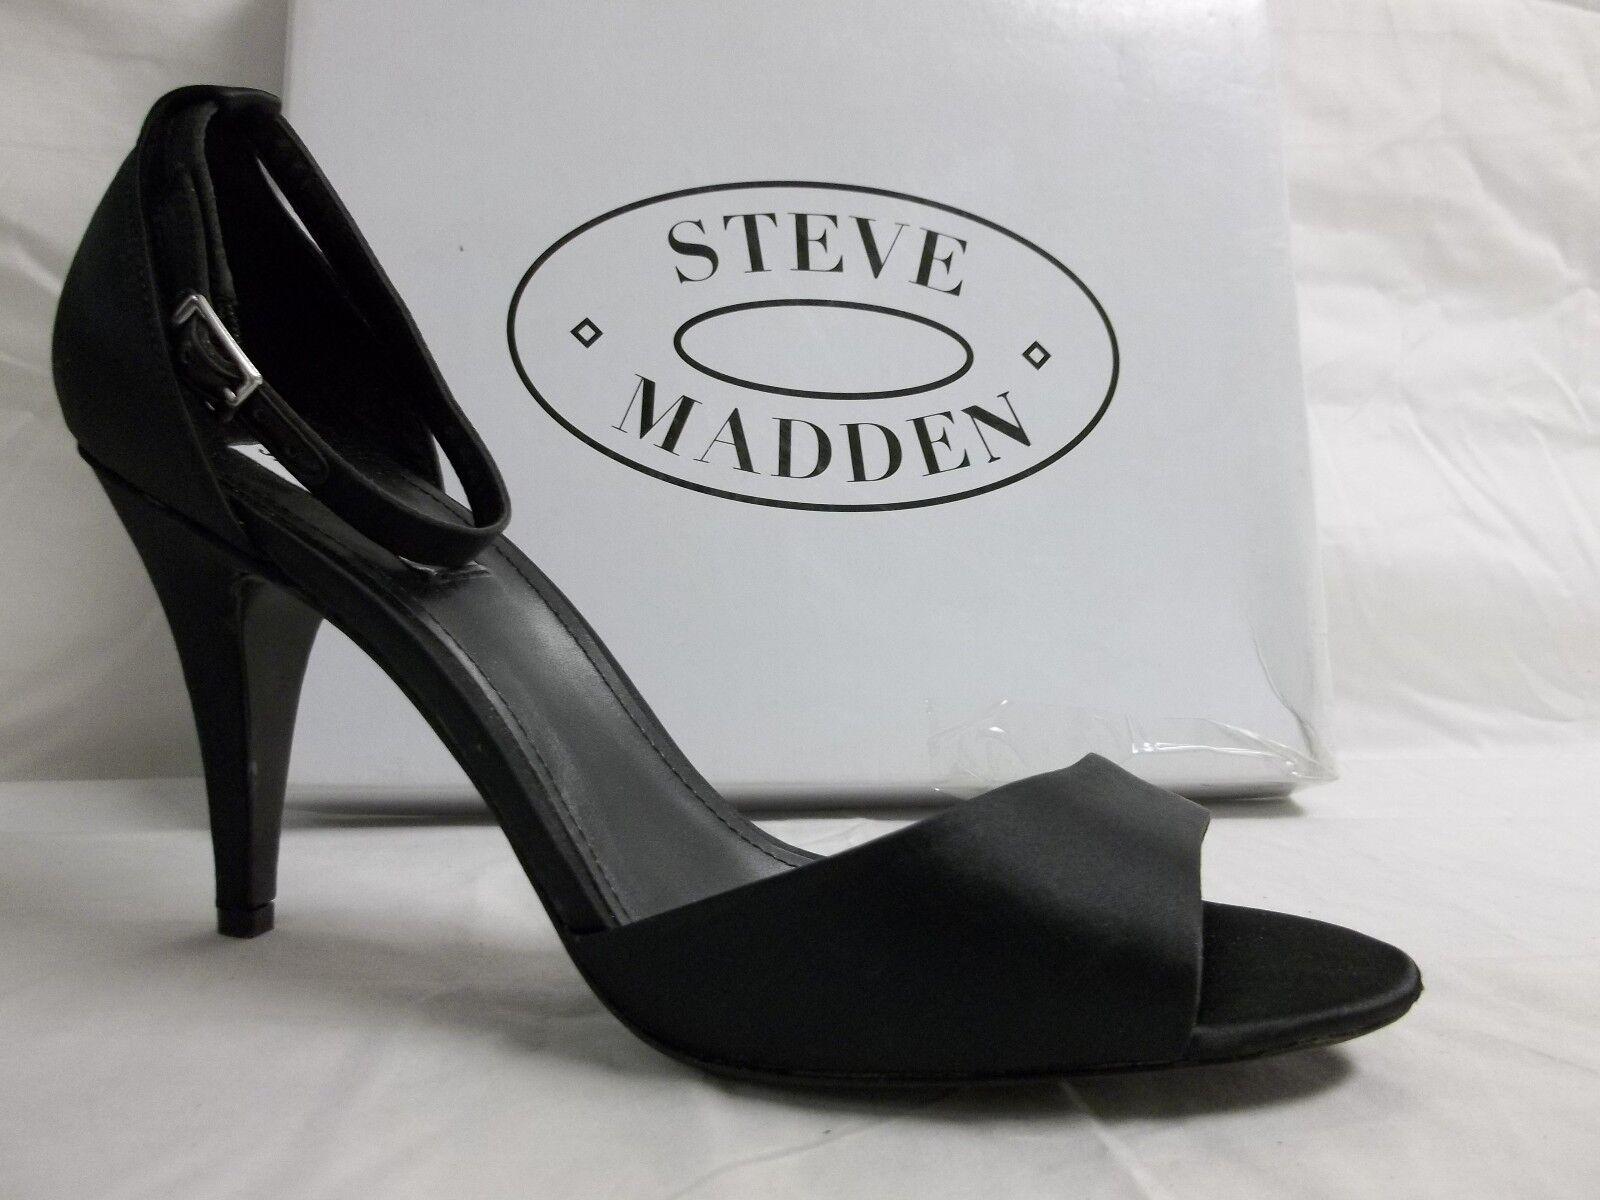 disponibile Steve Madden Dimensione 10 10 10 M Walltz nero Satin open Toe Heels New donna scarpe  più preferenziale